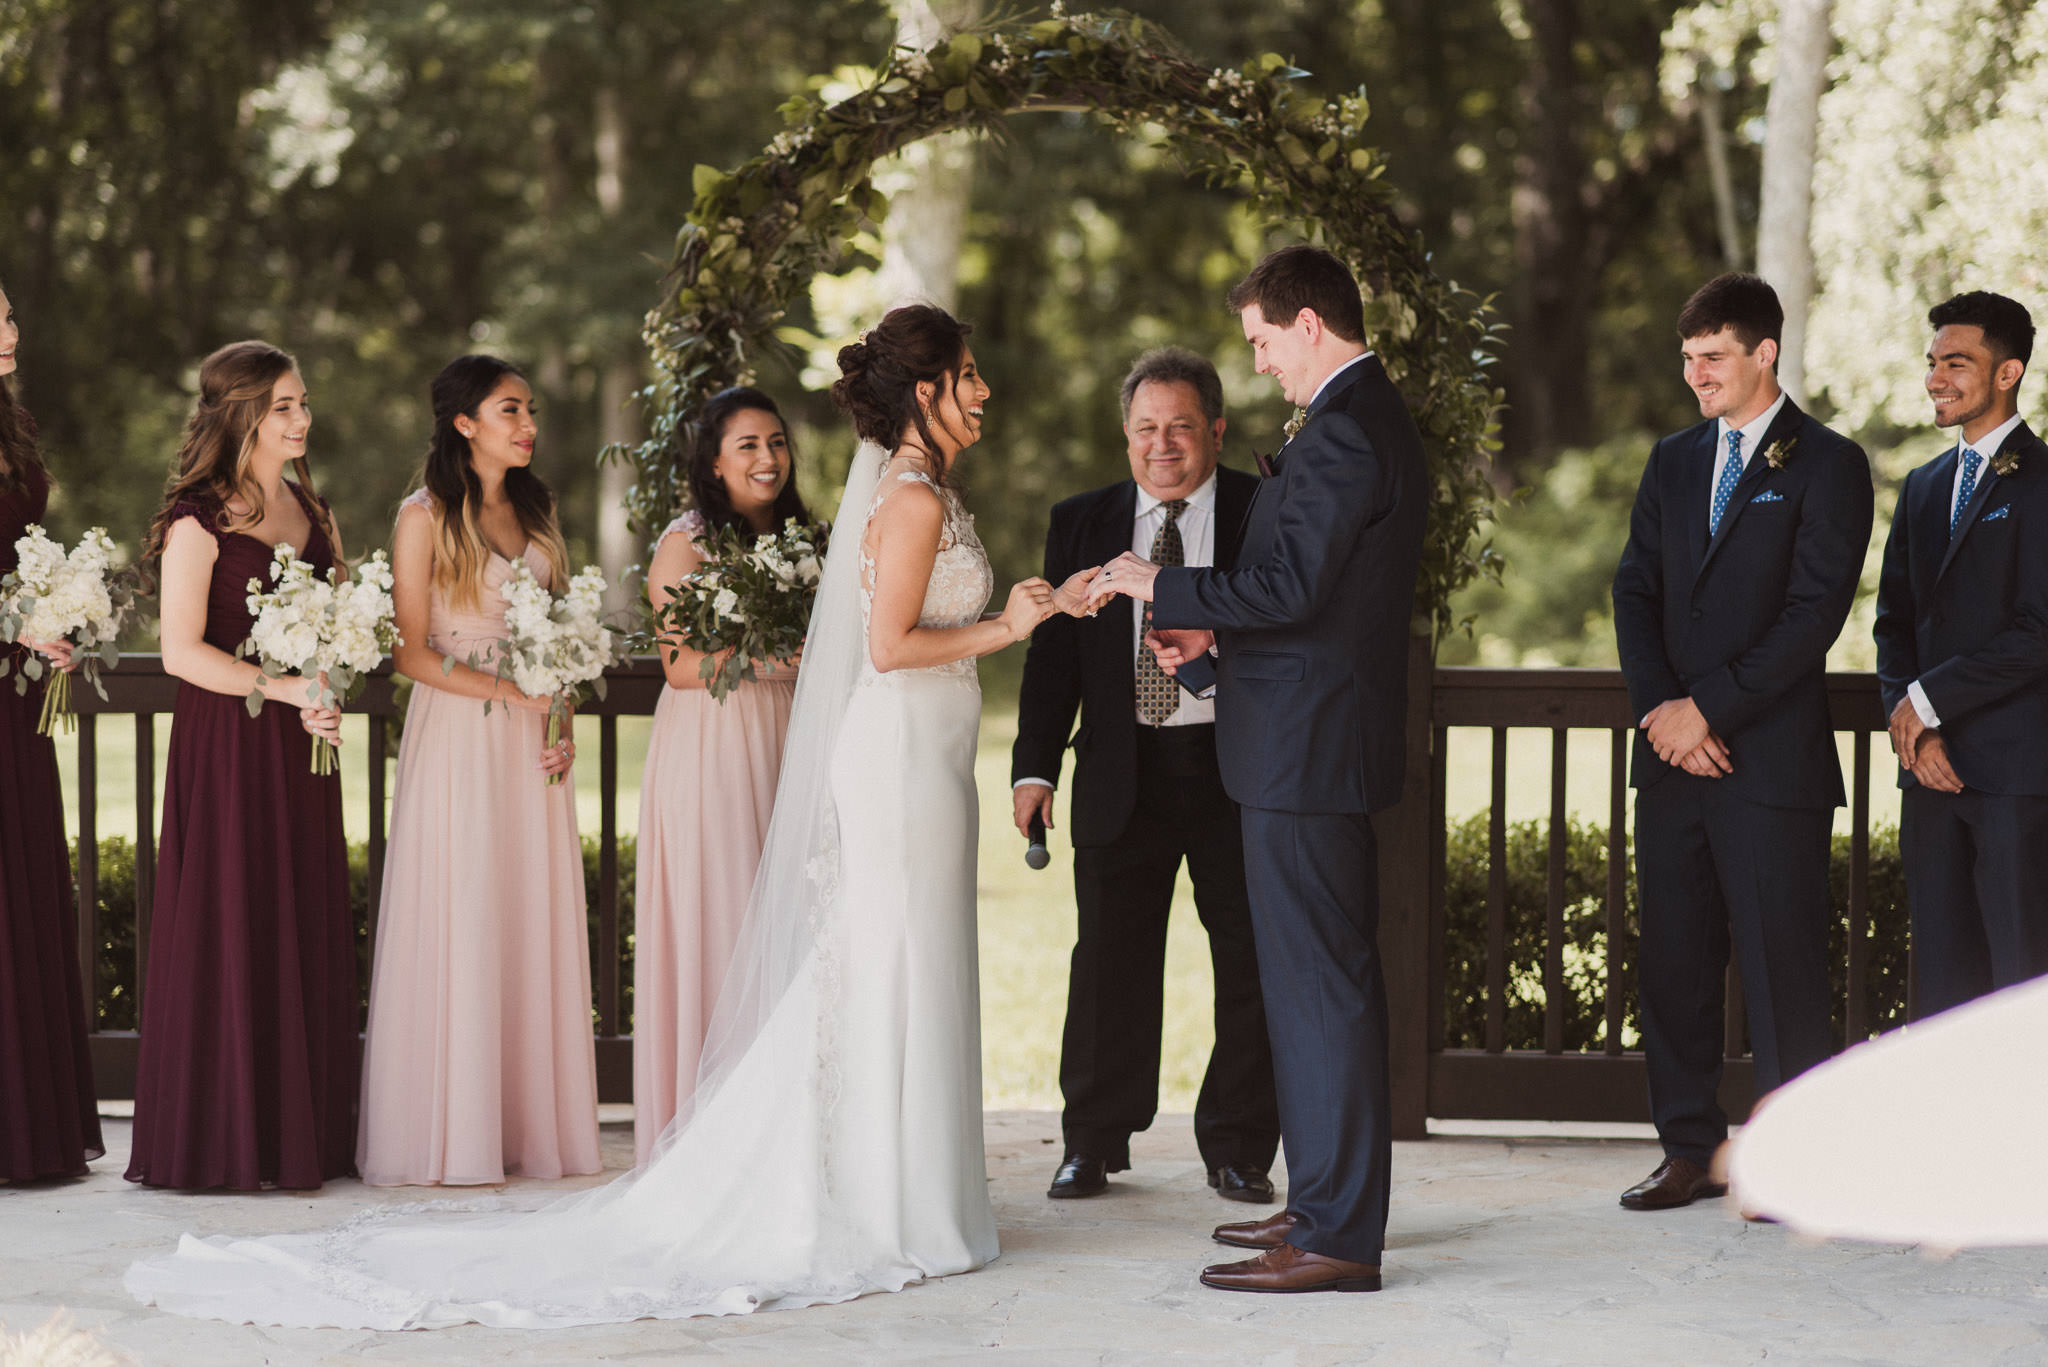 ashlee-trey-wedding-sm-62.jpg